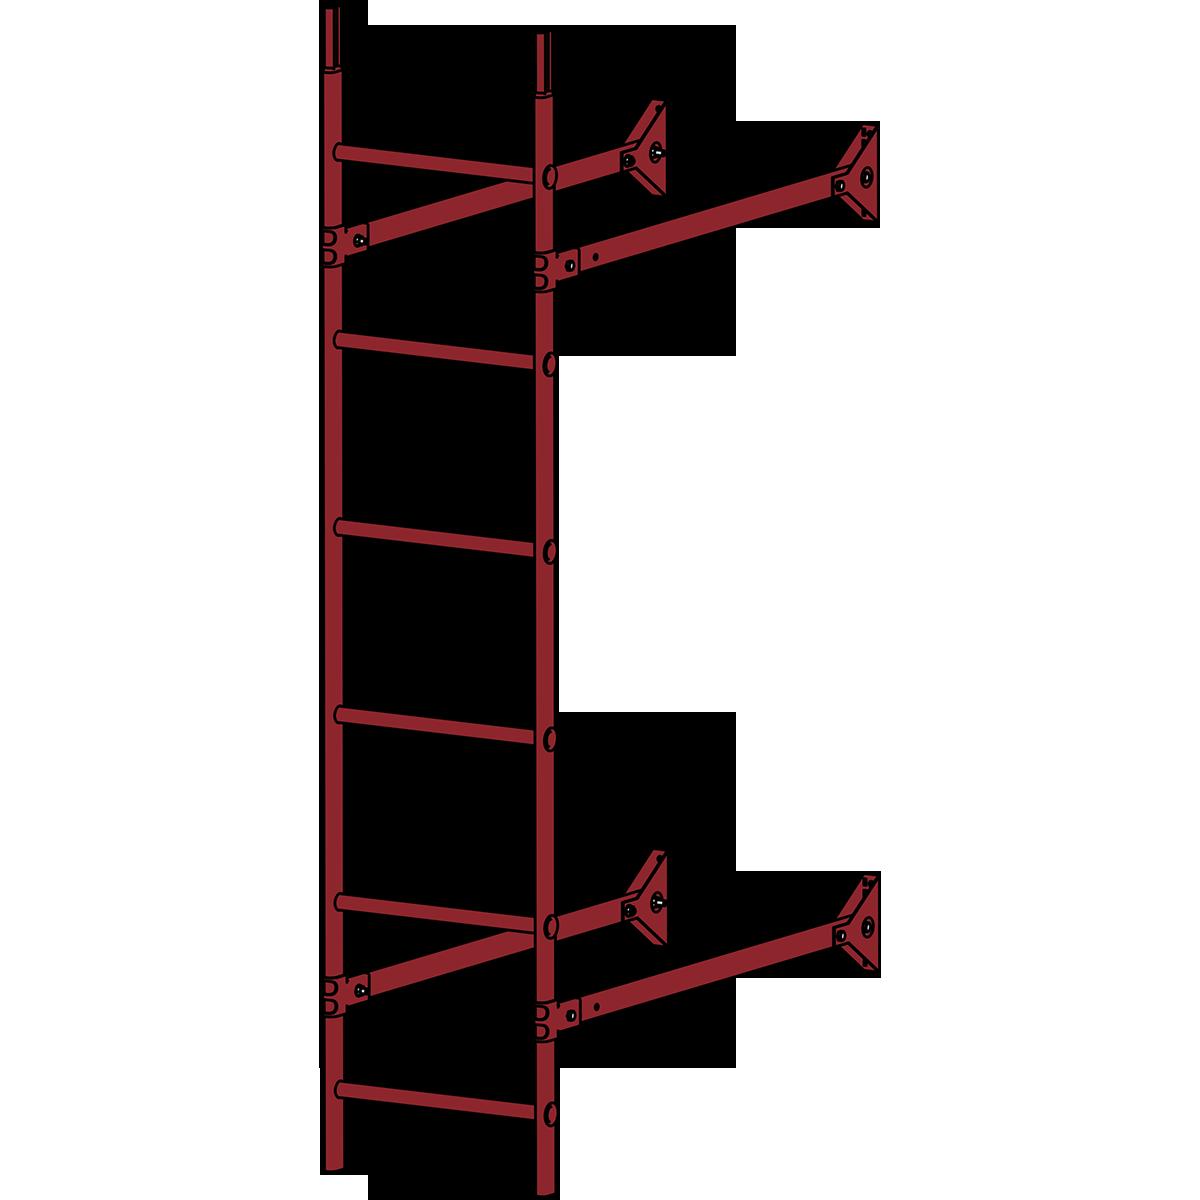 Лестница стеновая ROOFSYSTEMS ELITE 400 1,8 м RAL 3011 Коричнево-красный